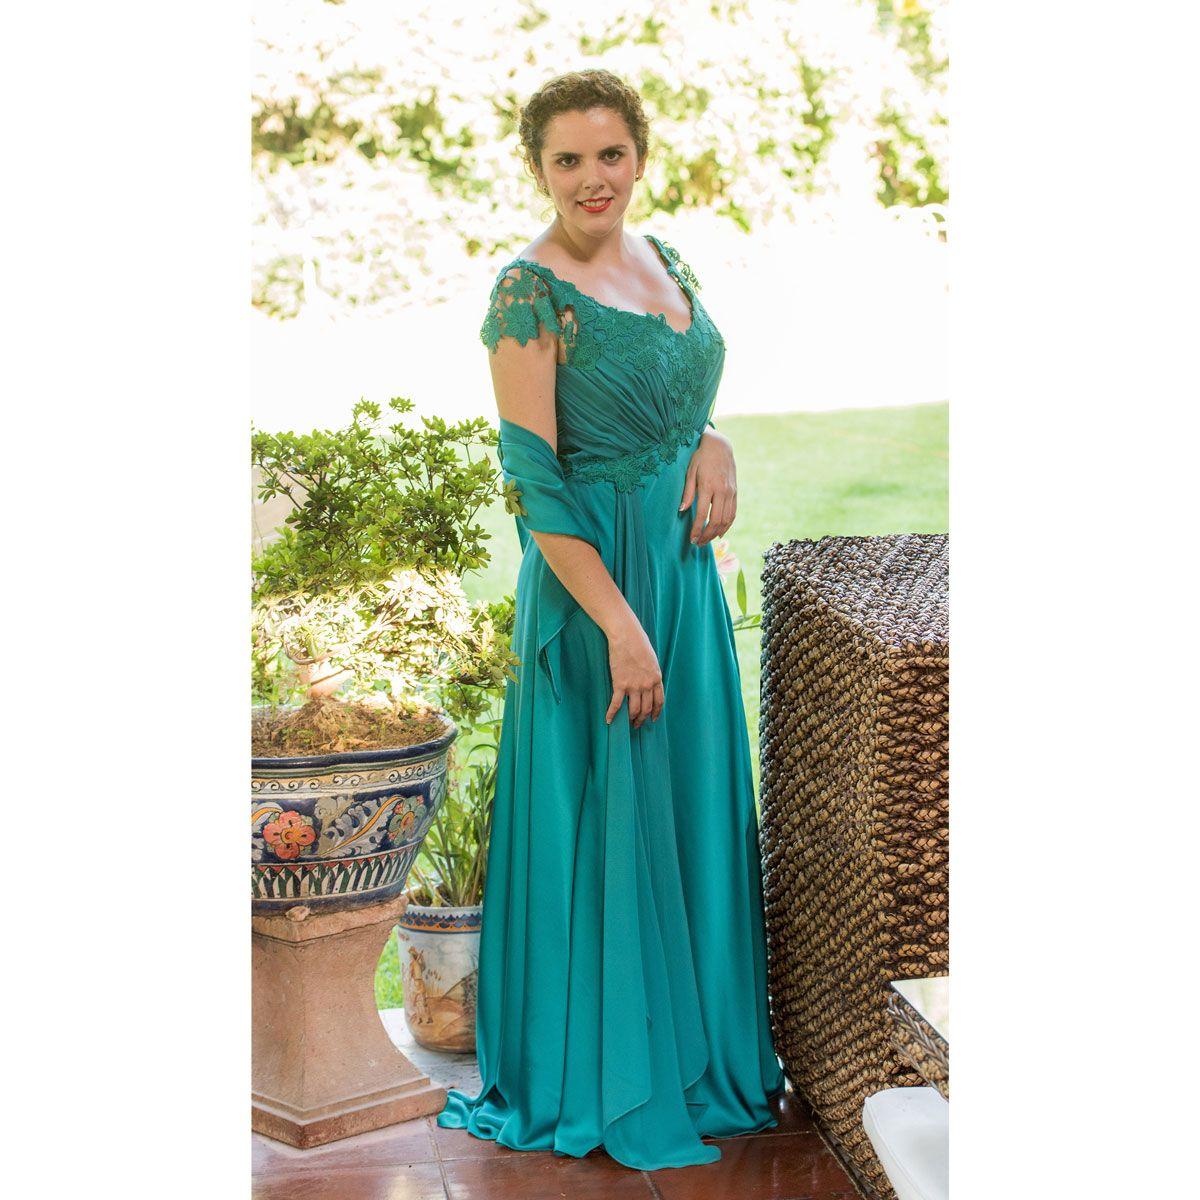 Ziemlich Precio Vestidos Alma Novias Fotos - Brautkleider Ideen ...